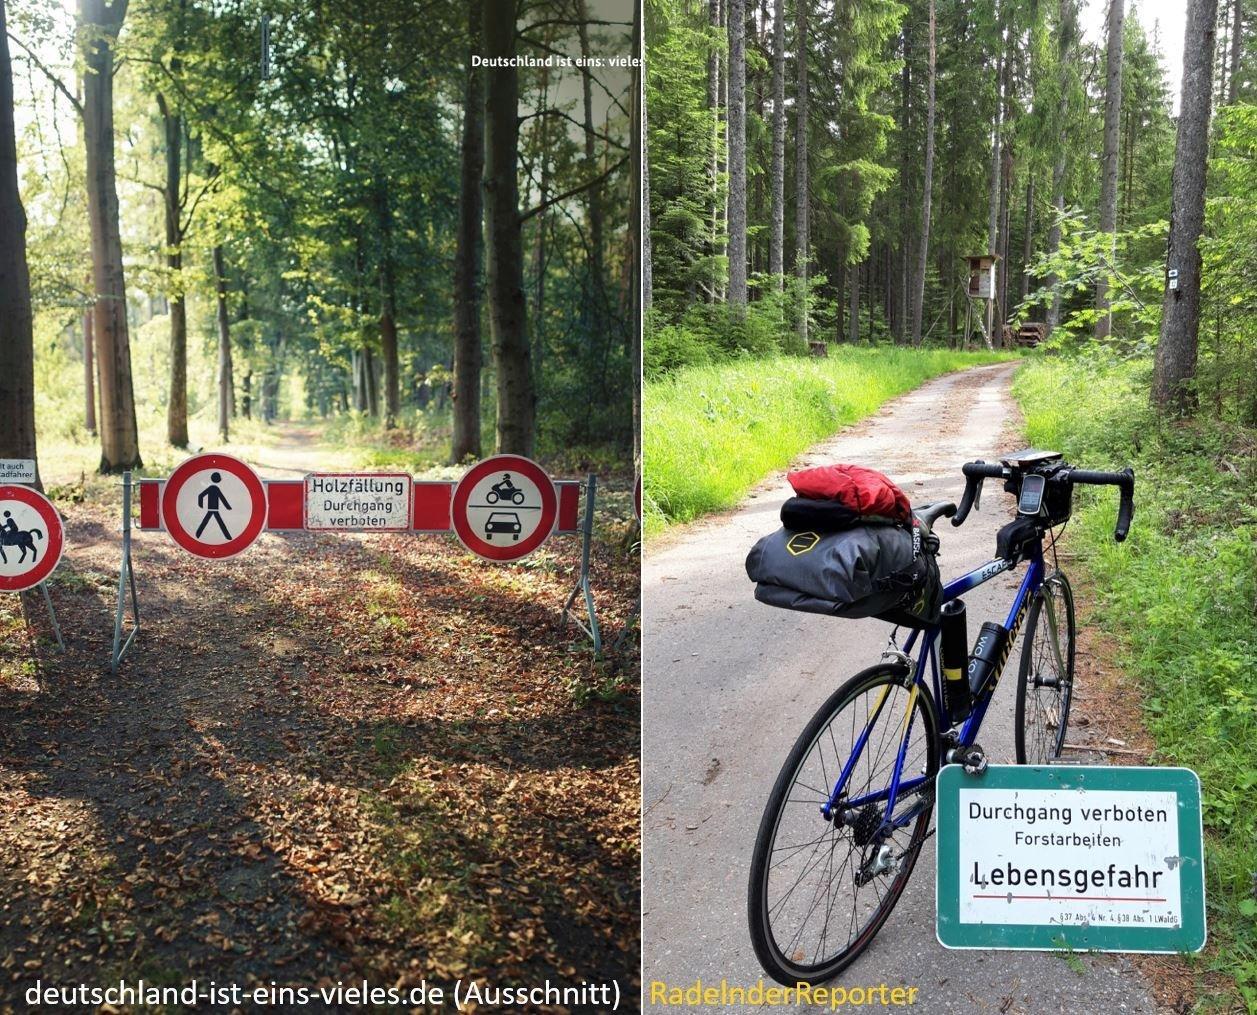 zweigeteiltes Bild: links das Bild der Regierungskampagne, rechts das des RadelndenReporters; beide Bilder zeigen Verbotsschilder im Wald.